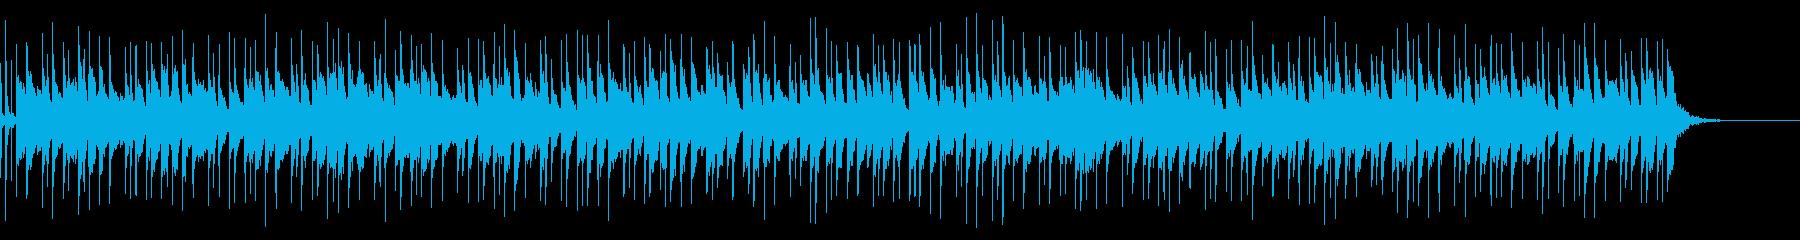 アコギとベルのふんわり穏やかなBGMの再生済みの波形